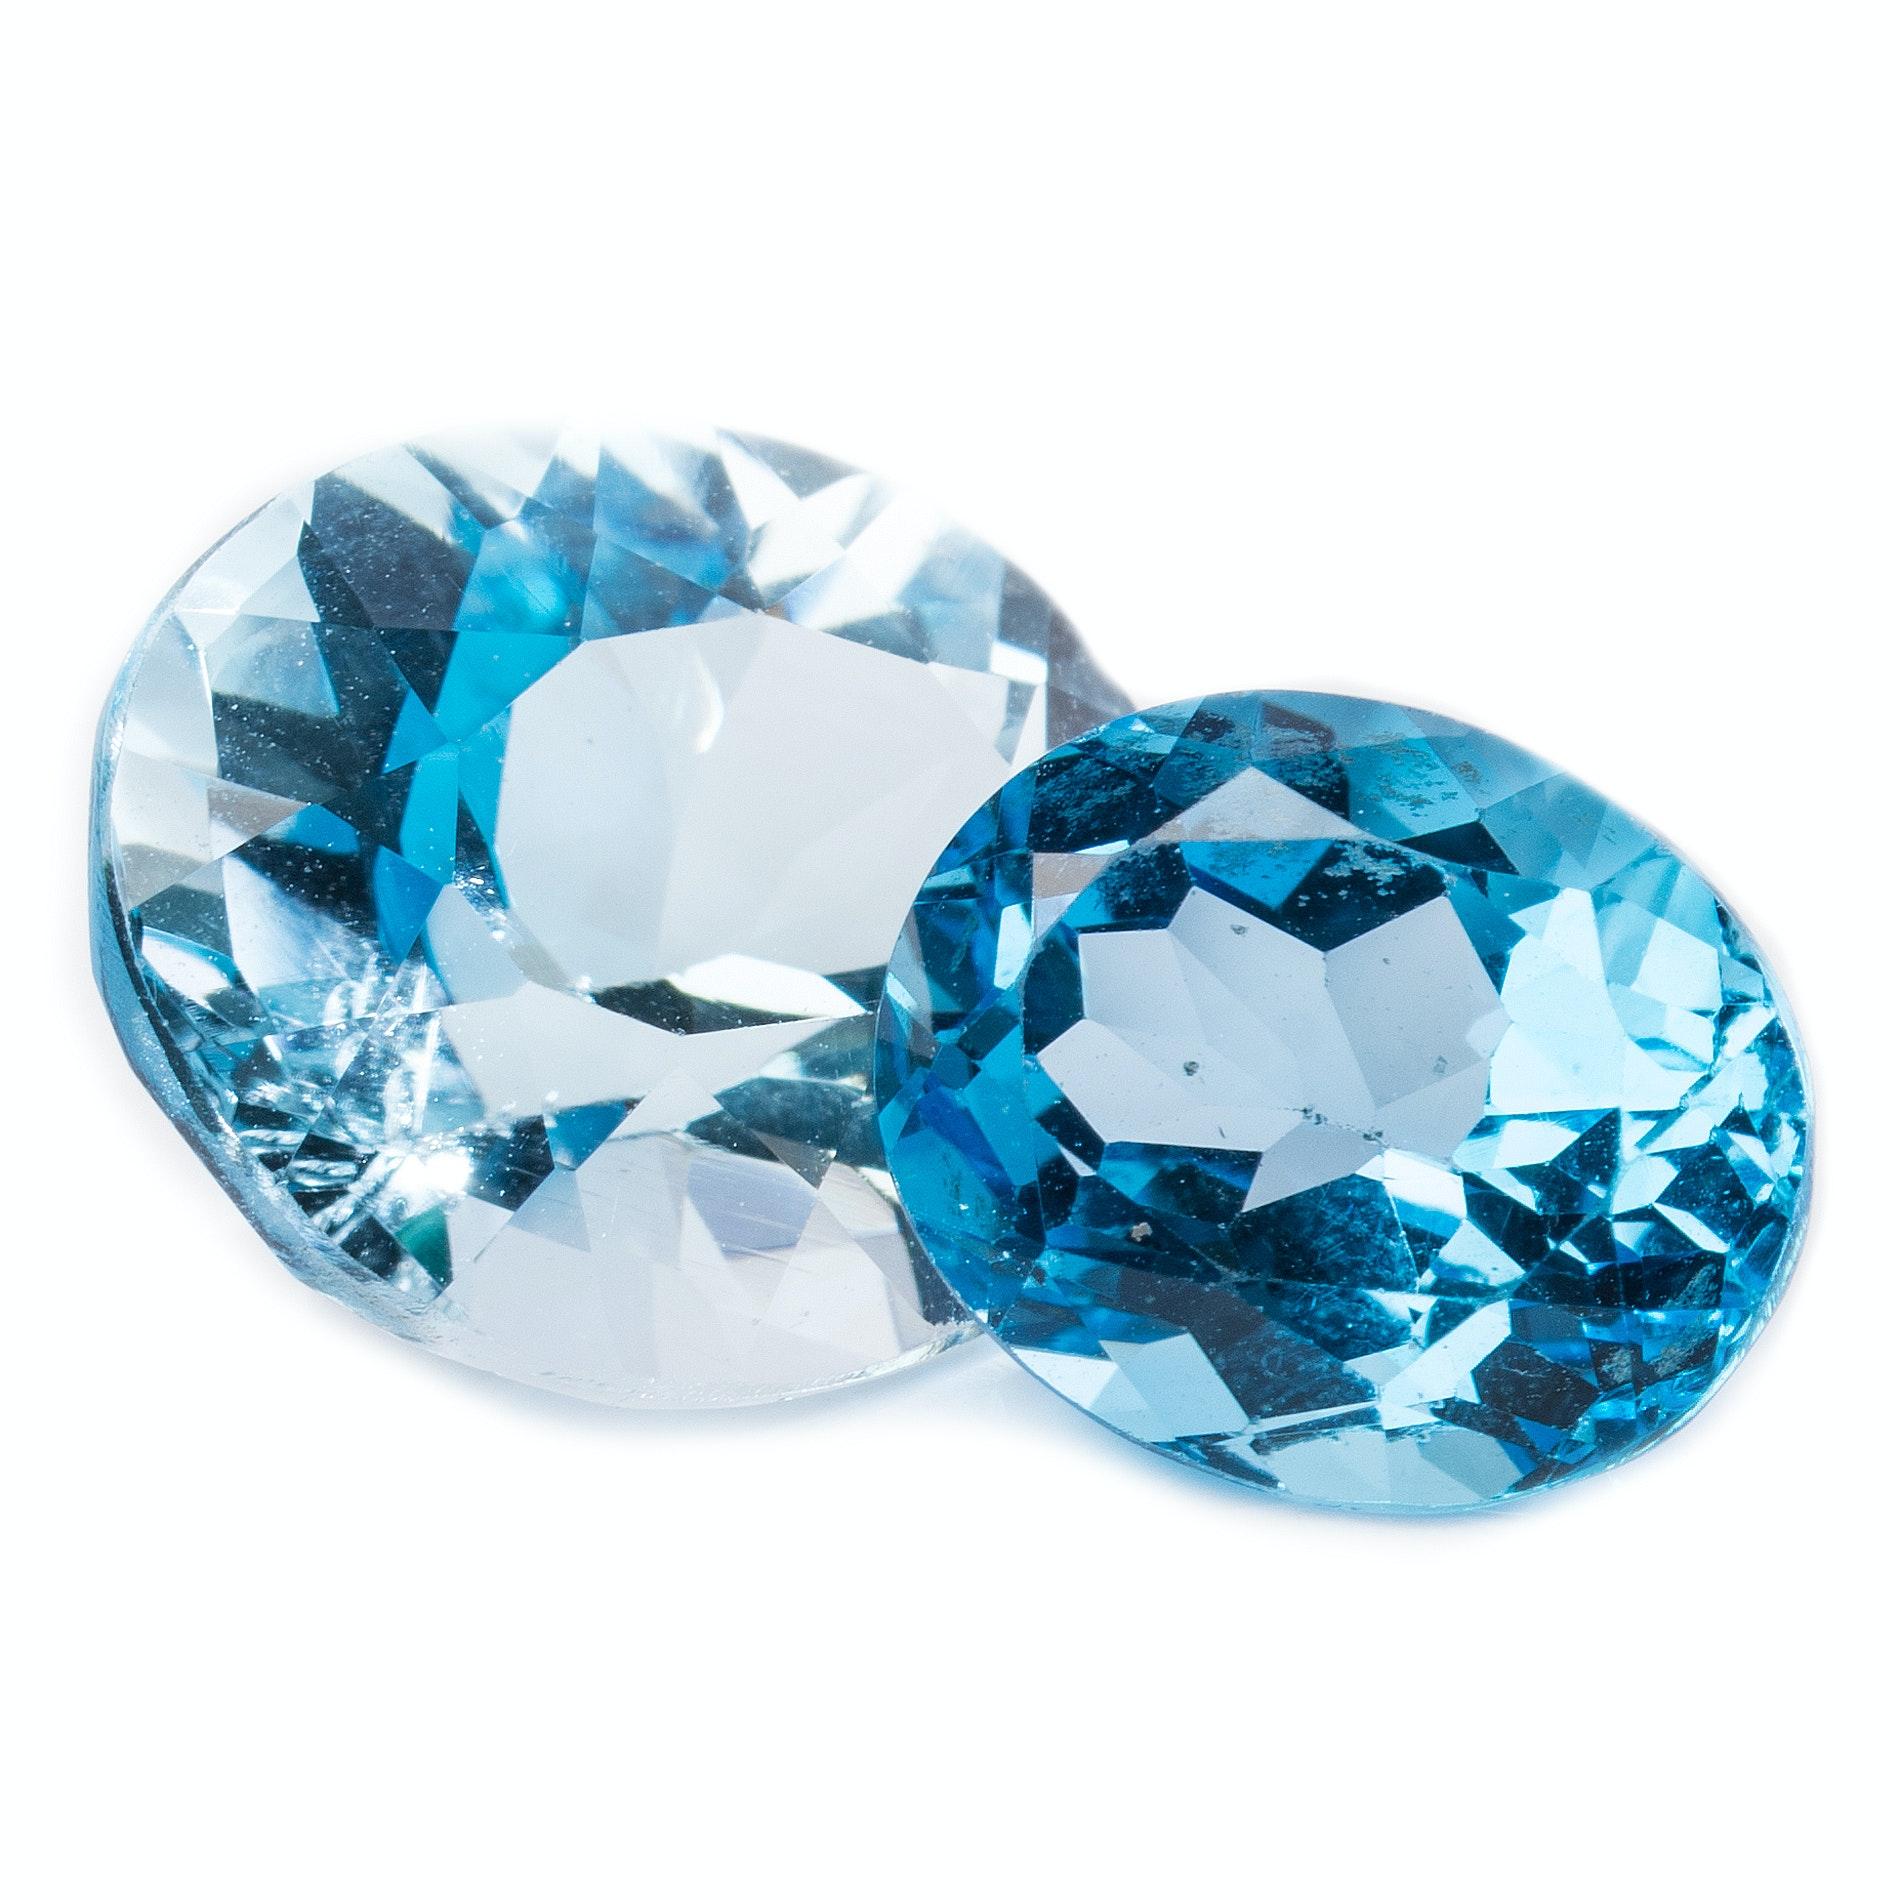 14.40 CTW Blue Topaz Stones